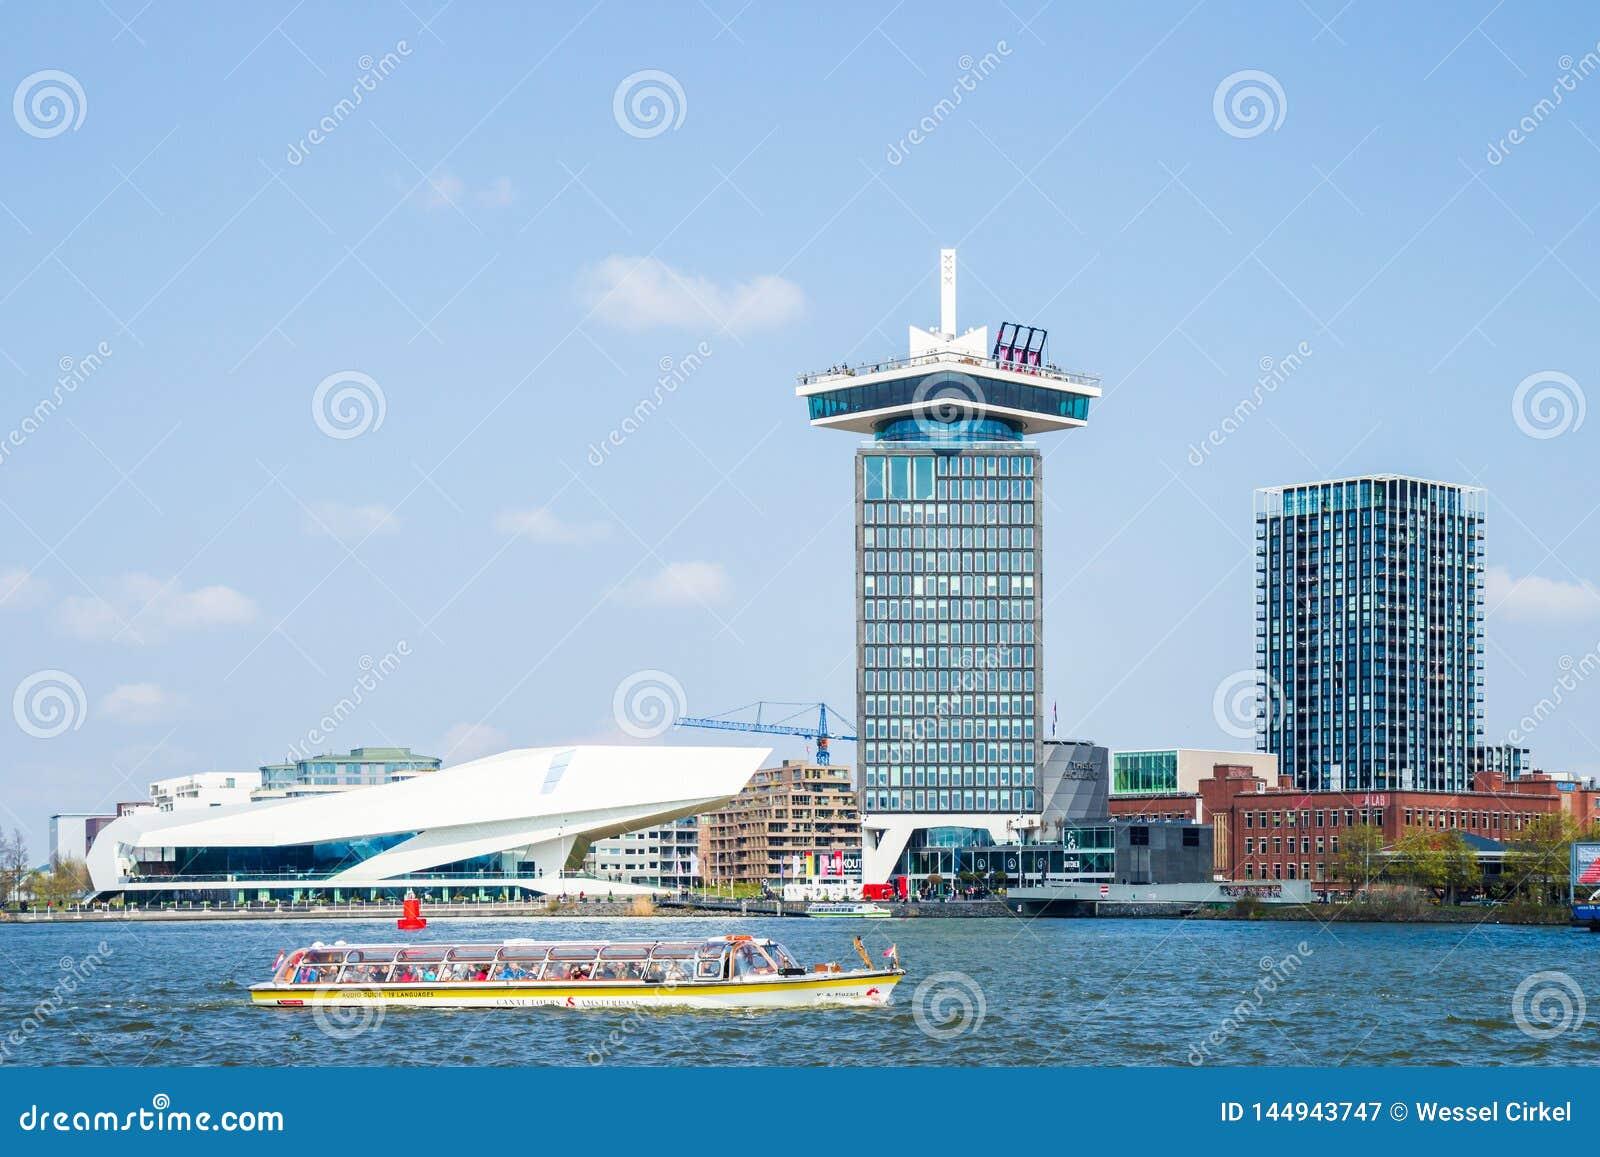 AUGE Film-Institut- und Shell Oil-Turm in Hafen Amsterdams IJ